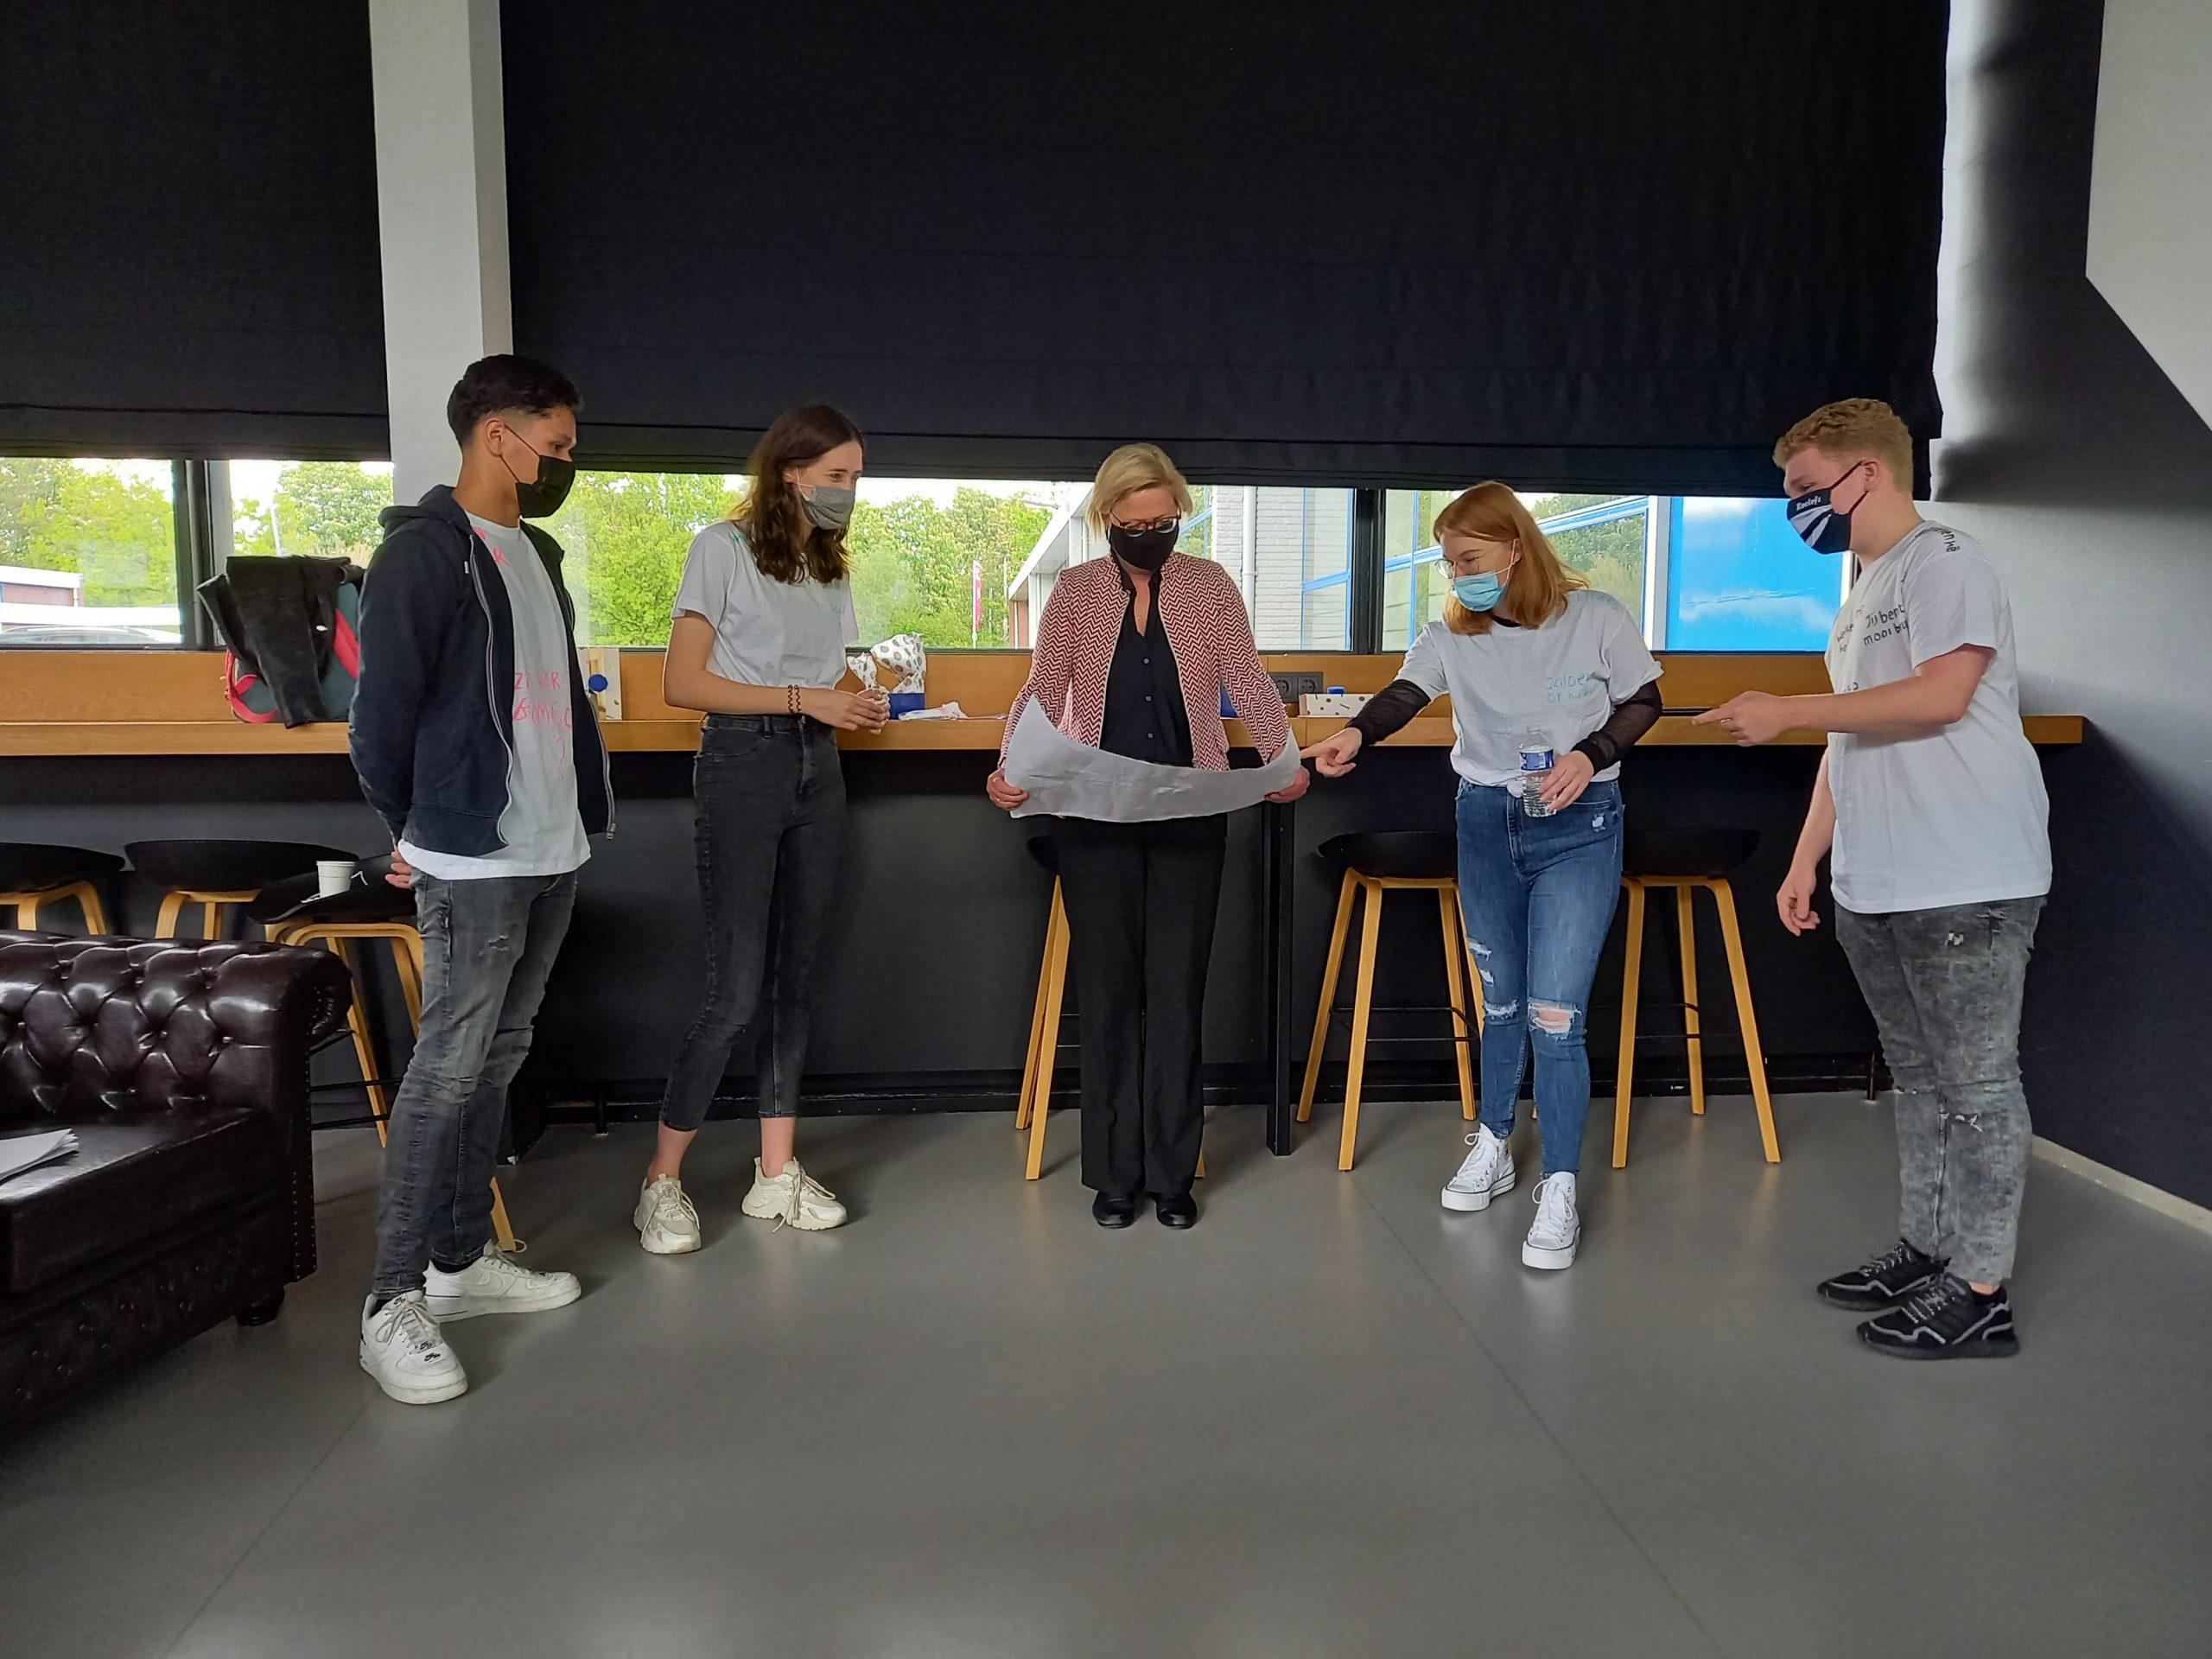 tussentijdse presentaties CMD (Communication &Media Design) studenten van de Academie IT en Mediadesign van de HAN